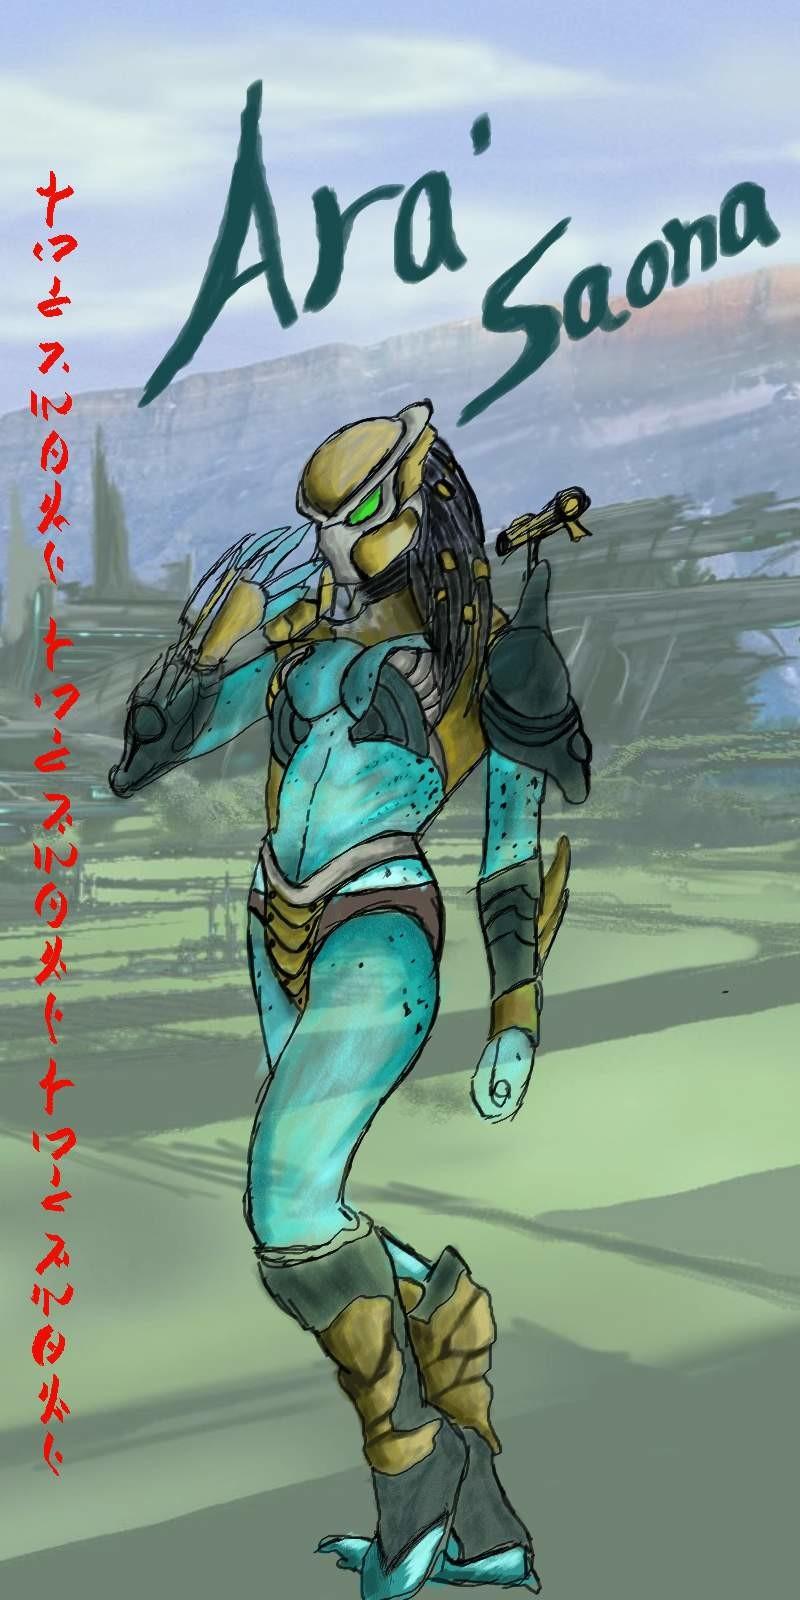 neptunis-crispo-ara-saona5.jpg